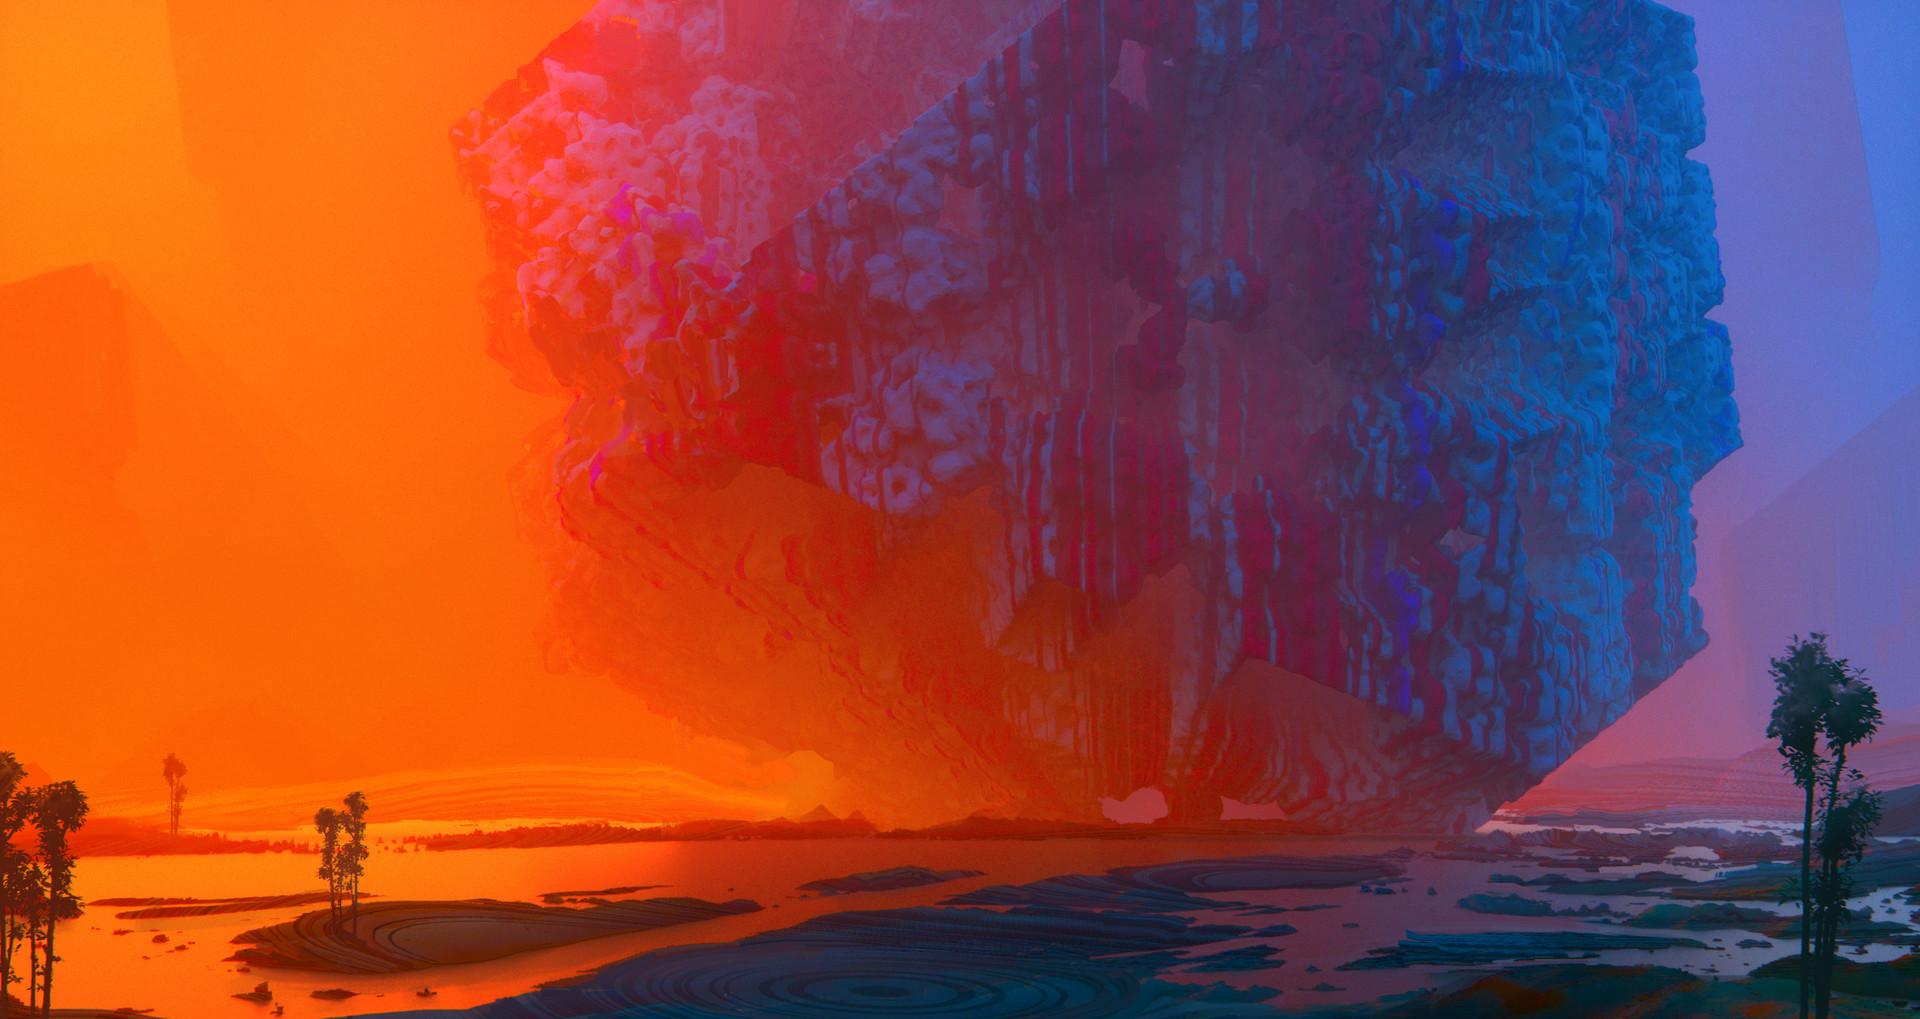 Leon tukker redblue fractal1